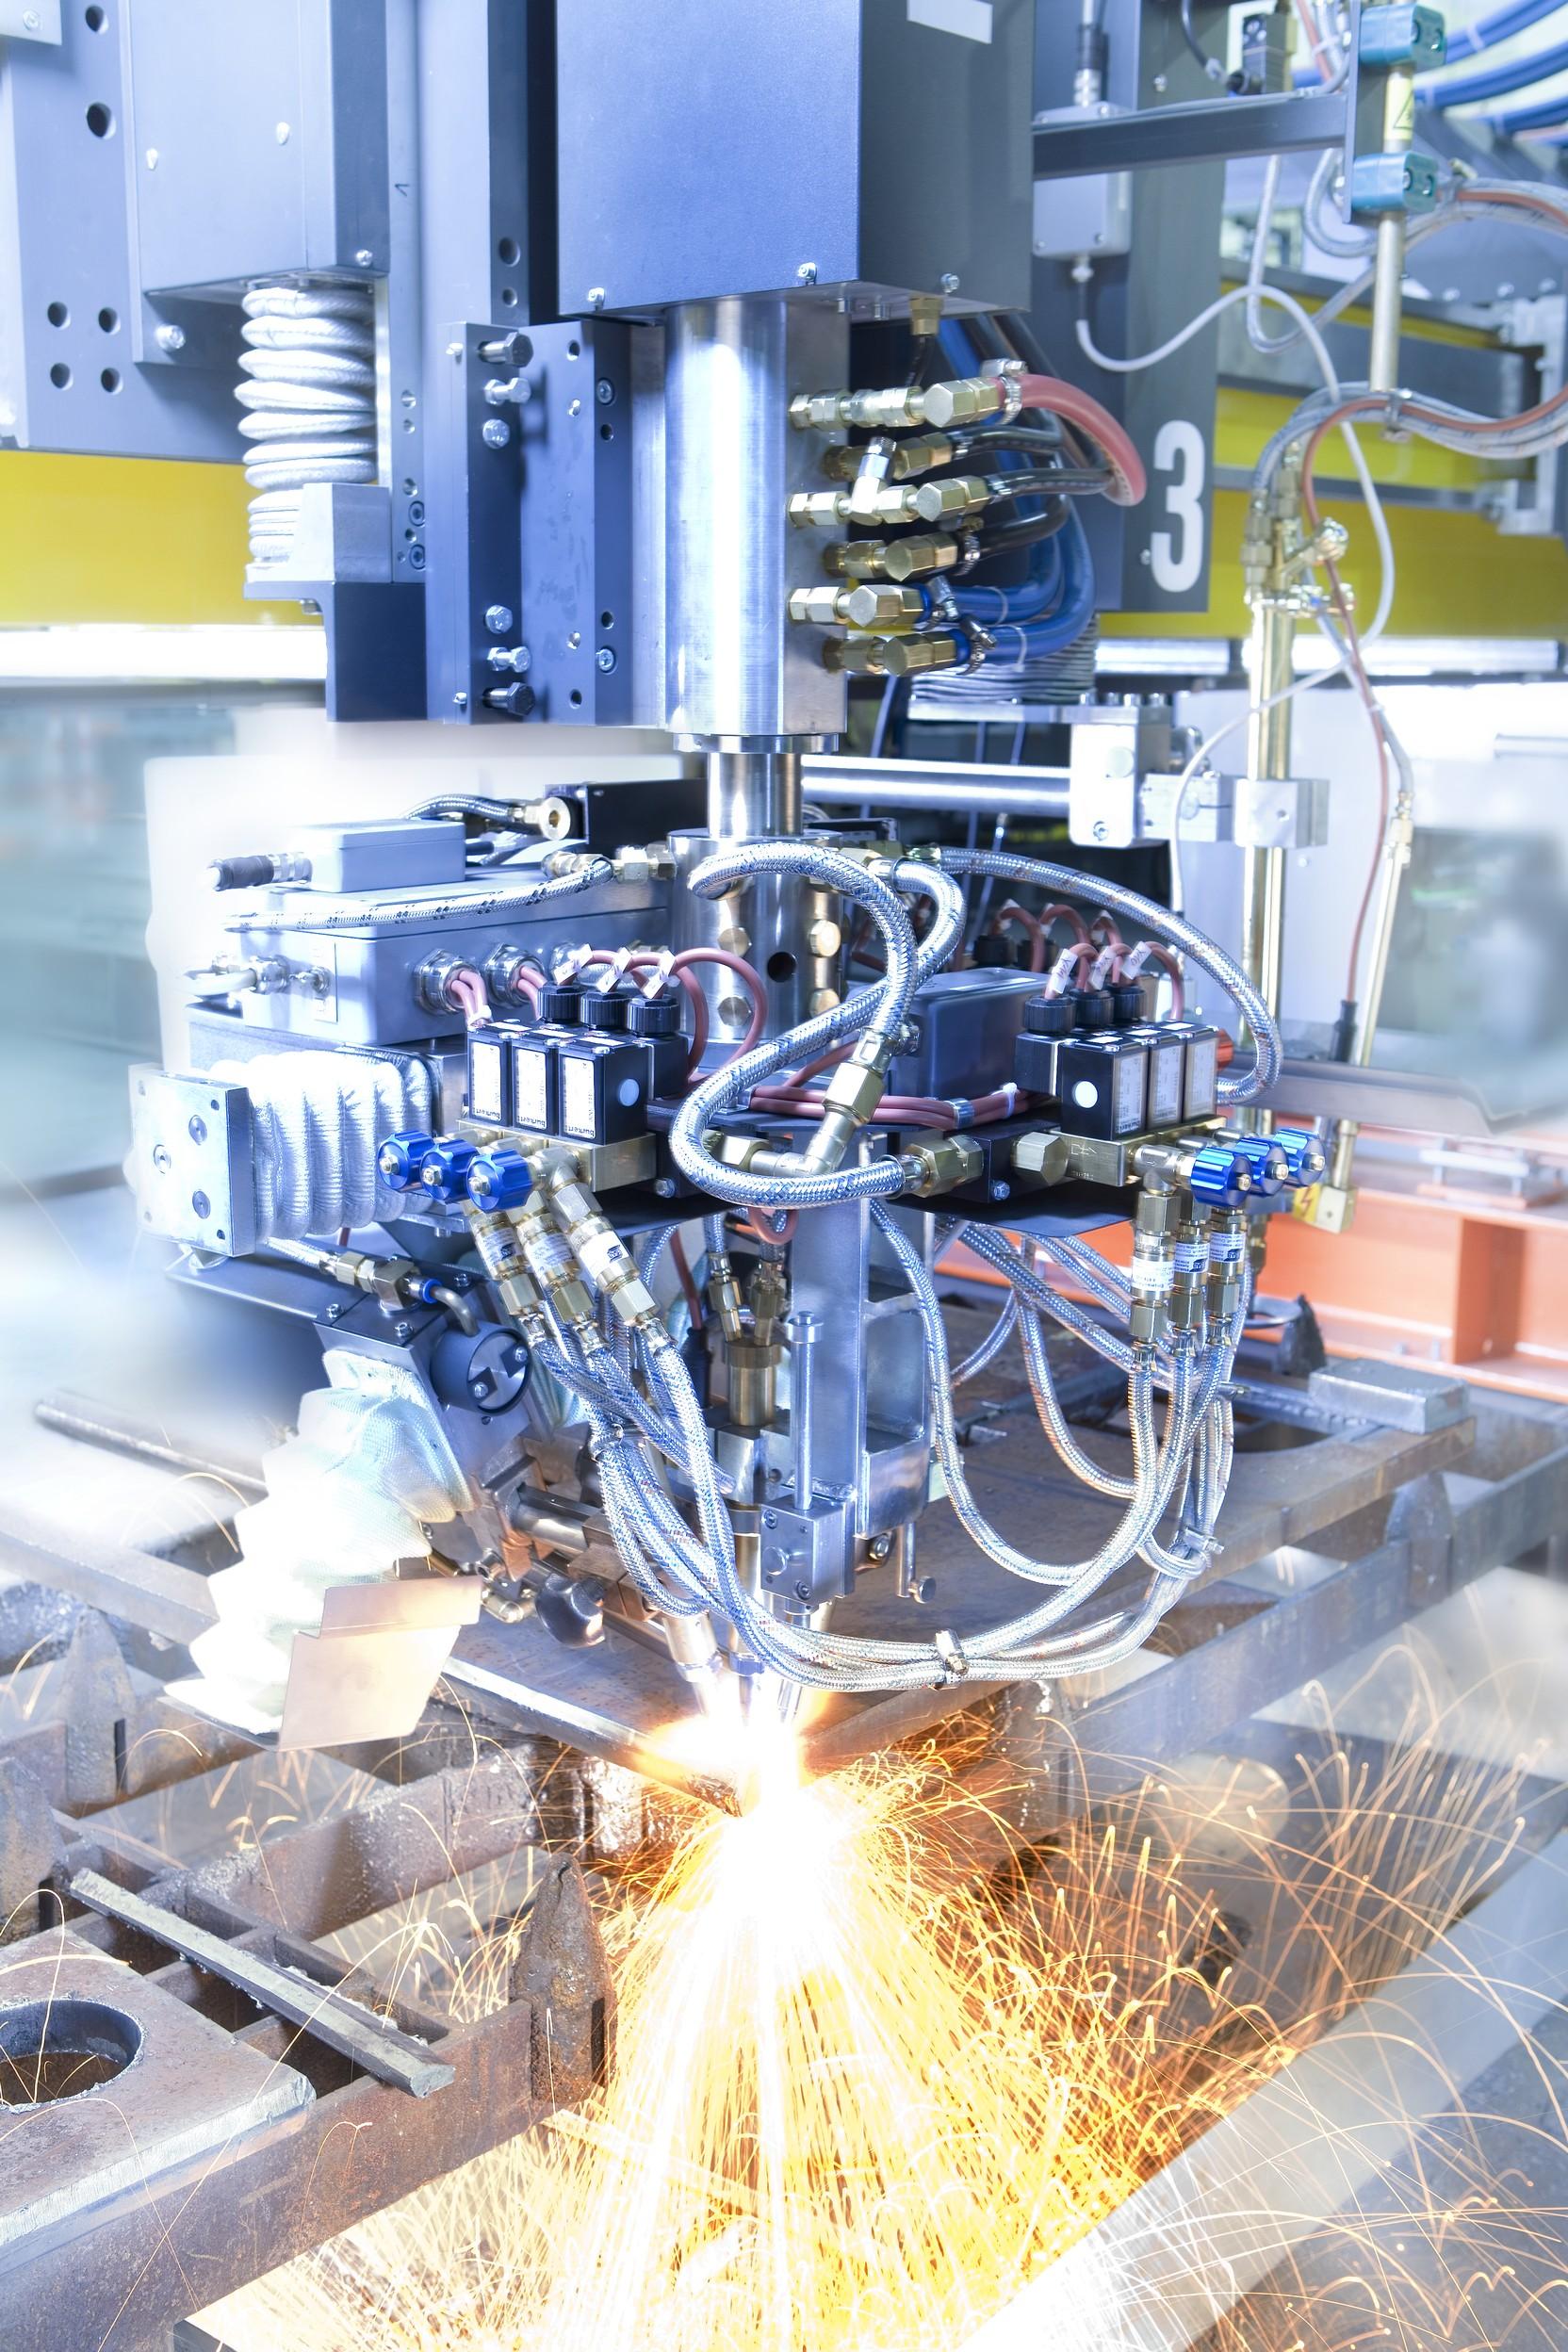 Systemlösung für eine verfahrenstechnische Regelung der unterschiedlichen Gas-ströme bei Brennschneidsystemen. Bild: Bürkert